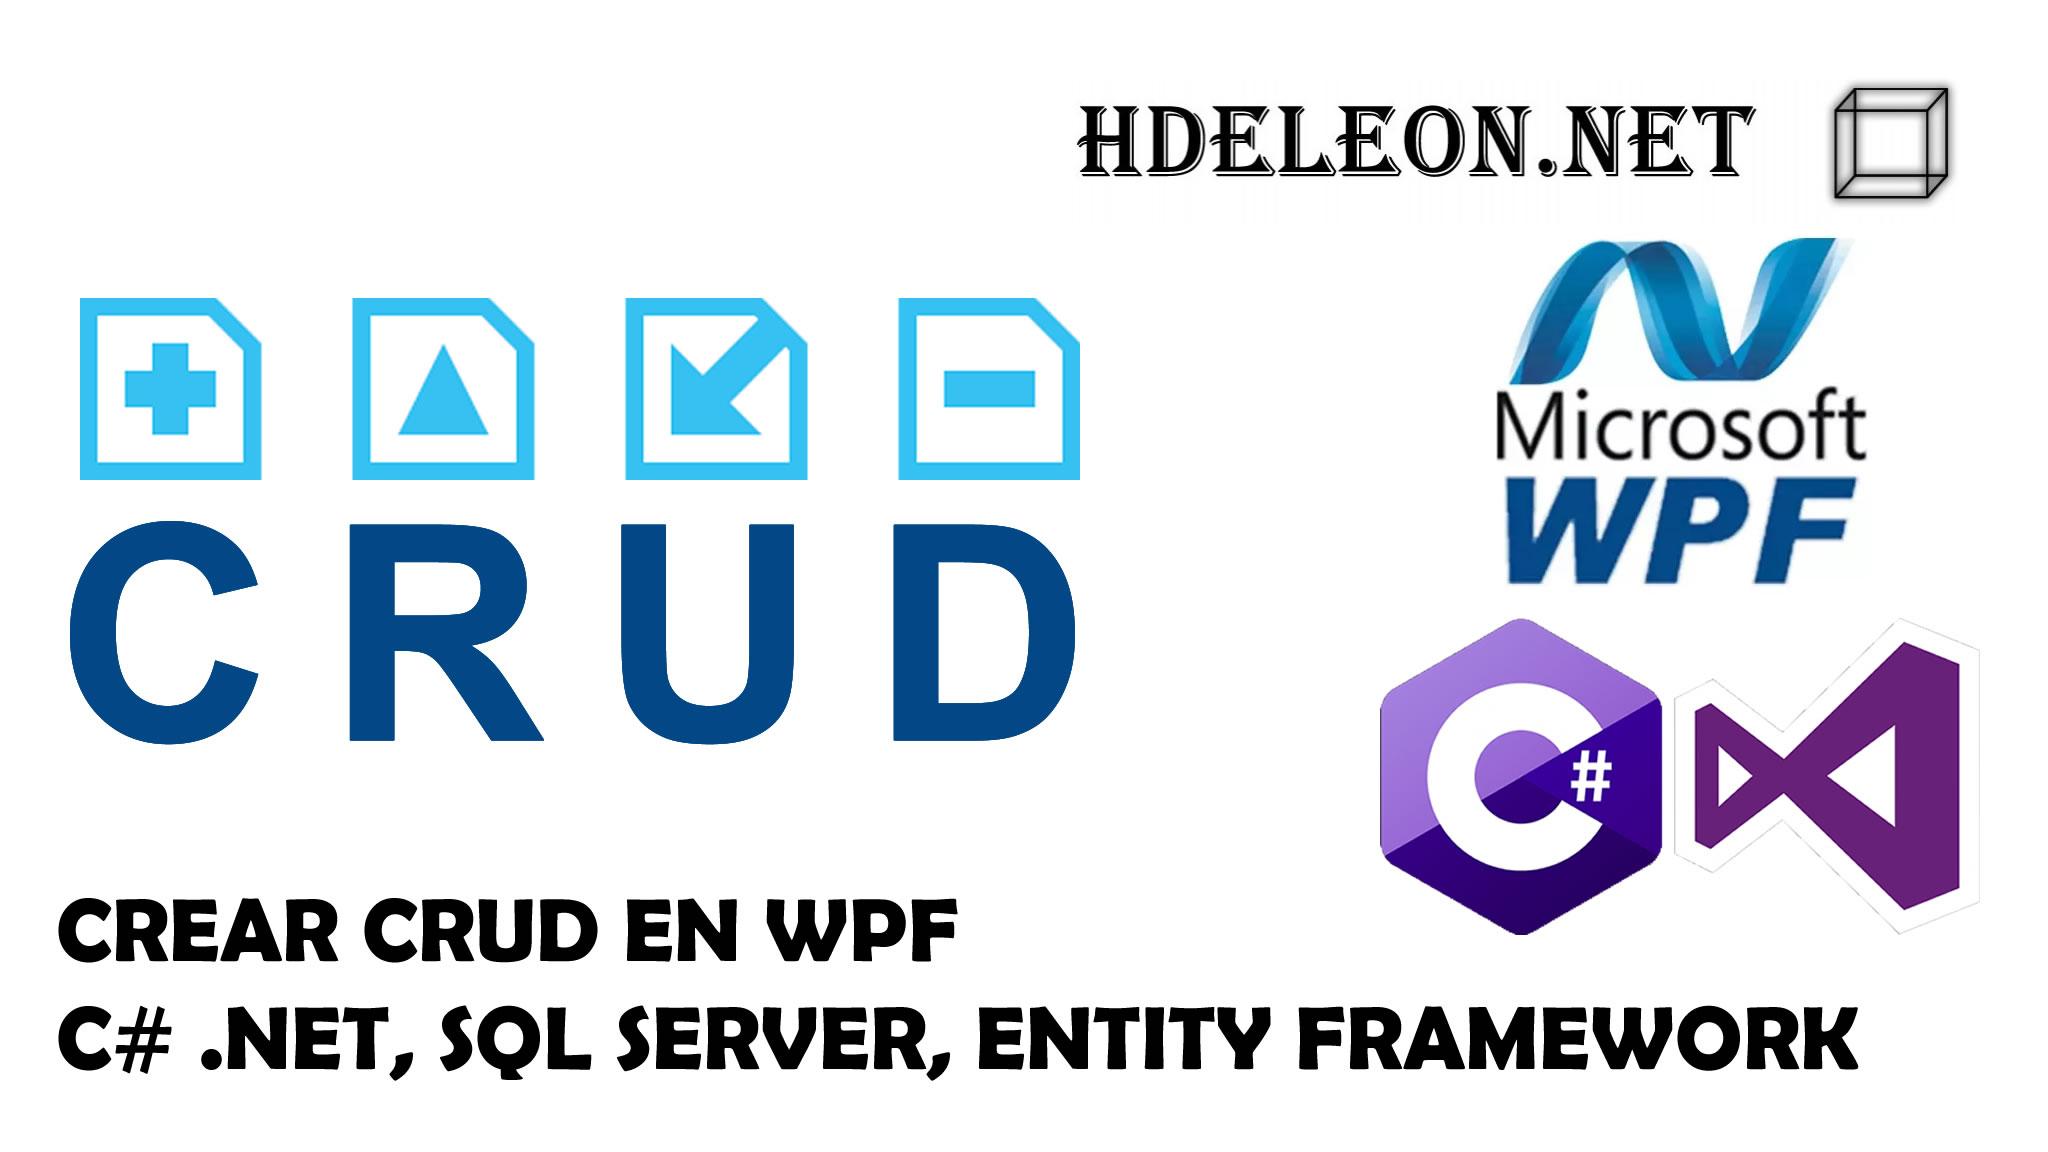 Crear un CRUD EN Windows Presentation Foundation, SQL Server, Entity framework, C# .Net